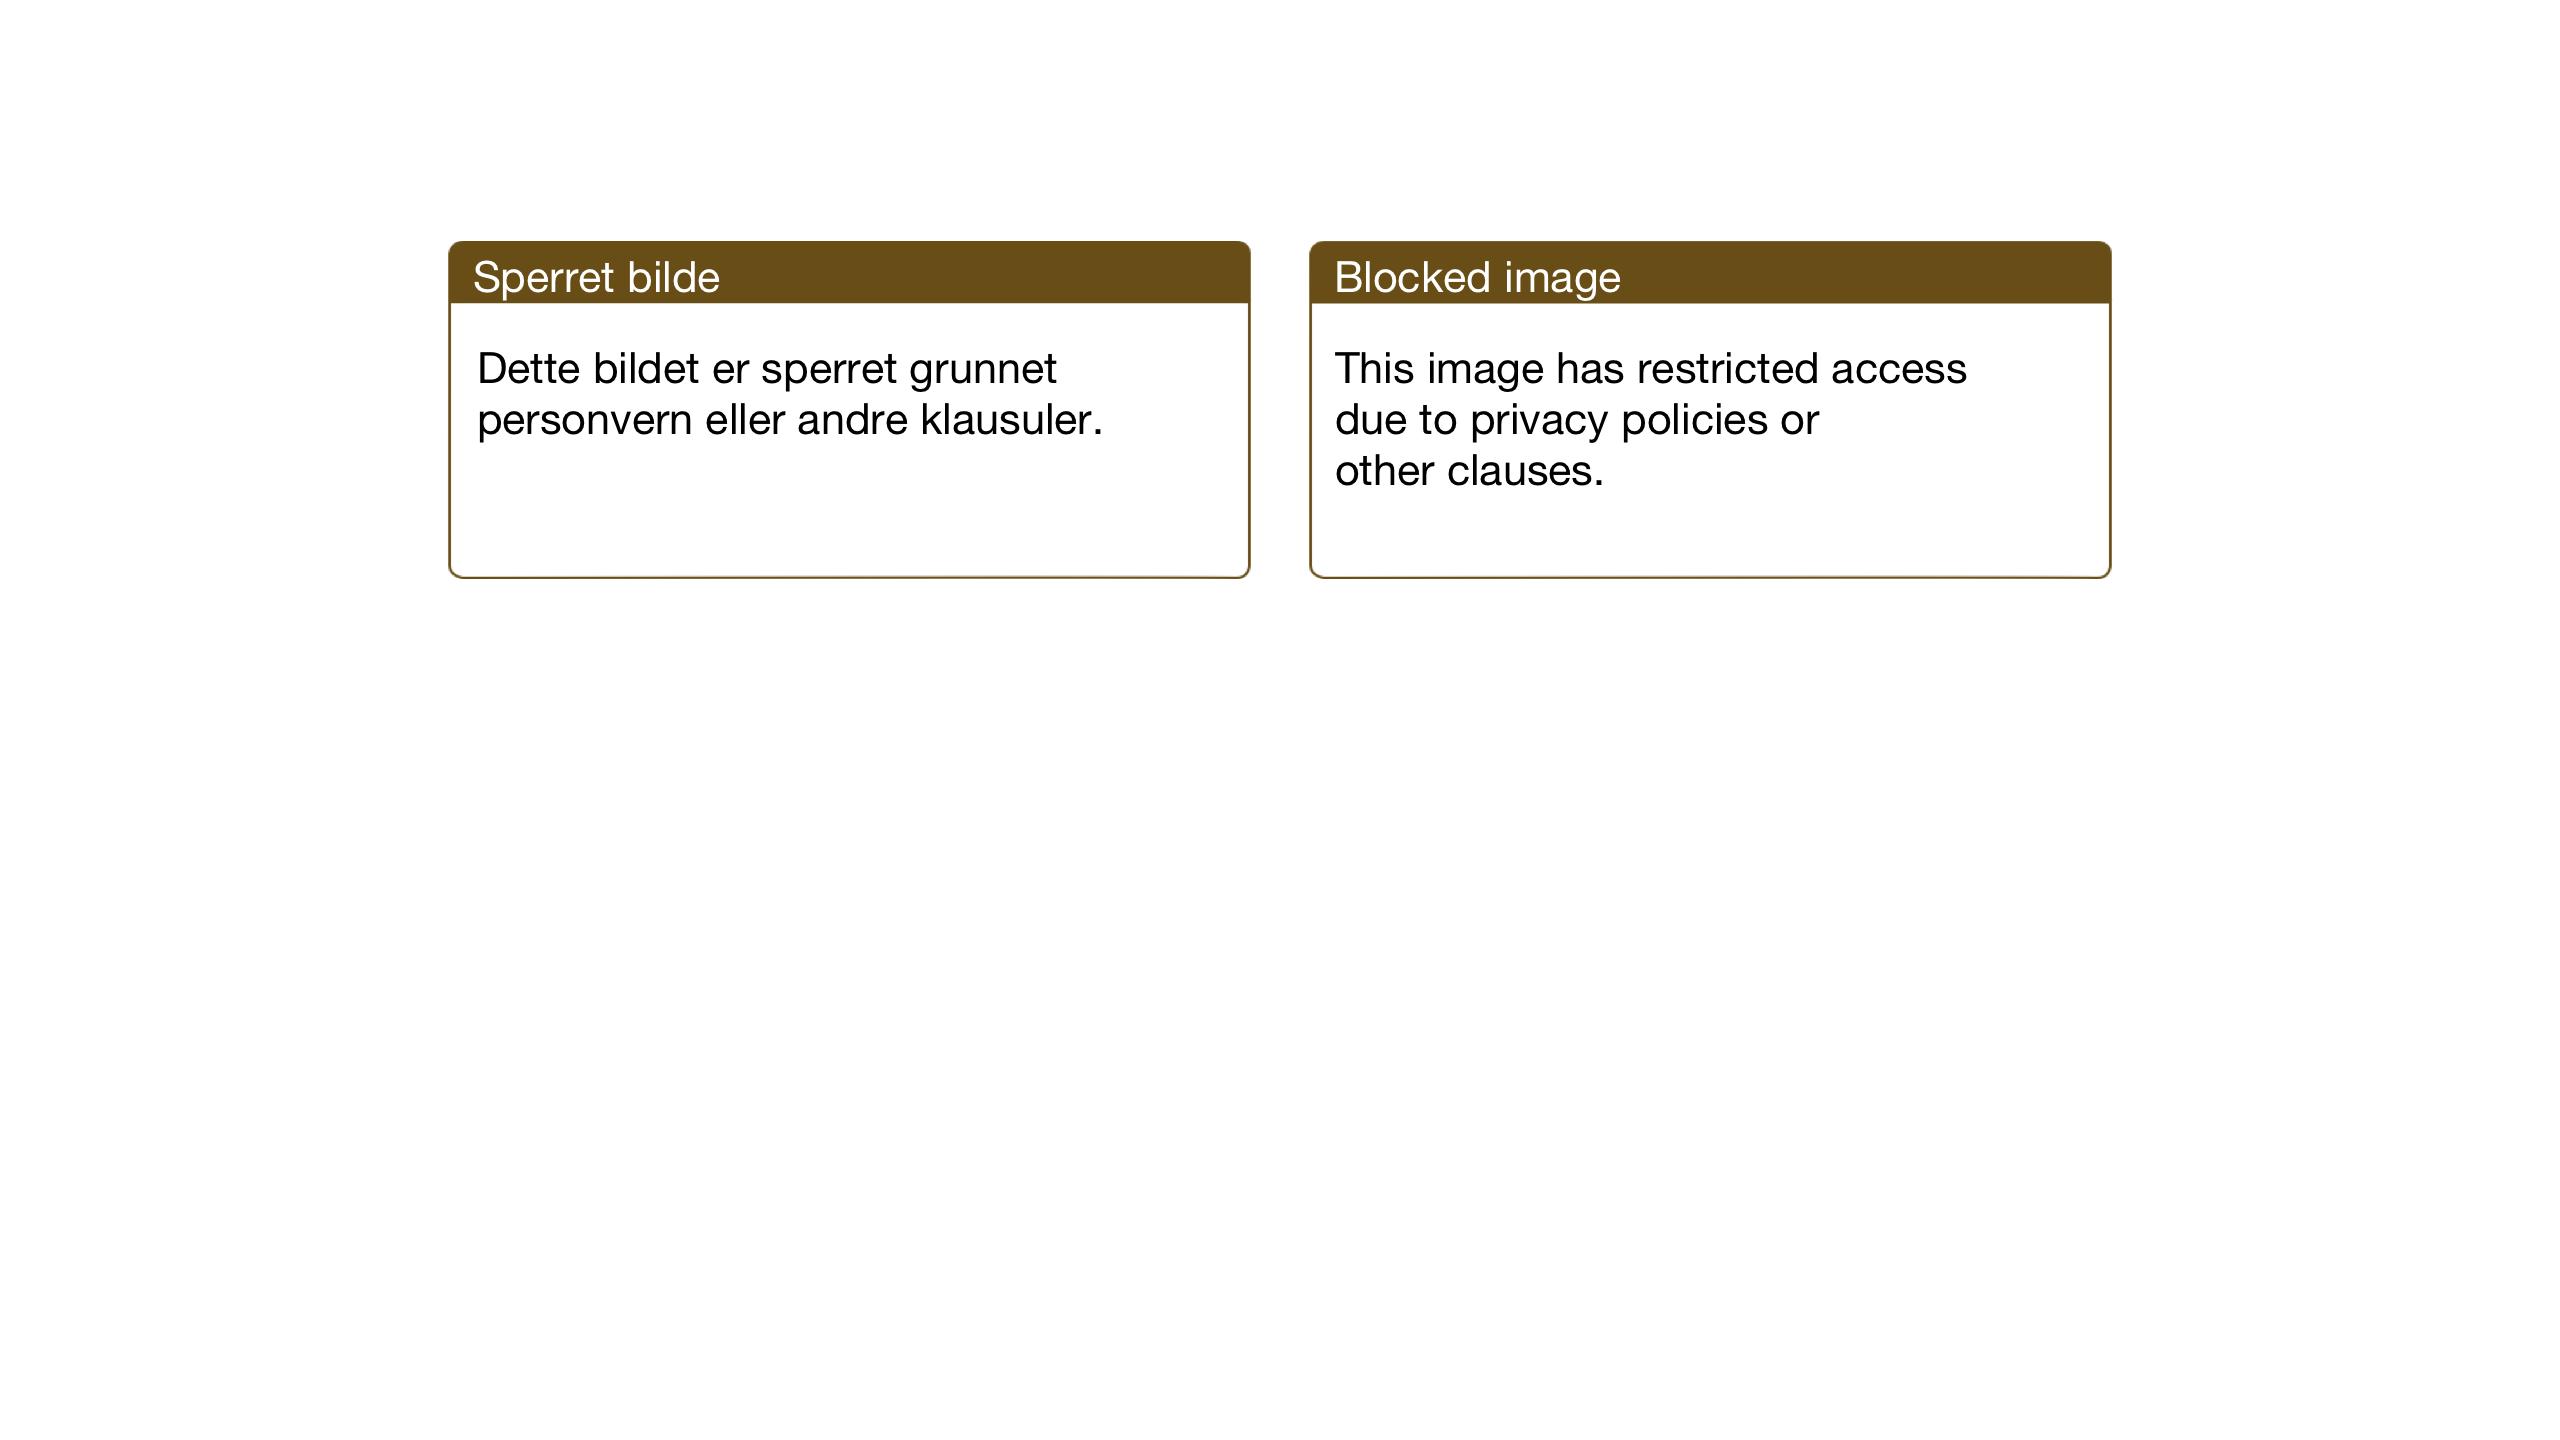 SAT, Ministerialprotokoller, klokkerbøker og fødselsregistre - Sør-Trøndelag, 637/L0564: Klokkerbok nr. 637C05, 1928-1968, s. 132